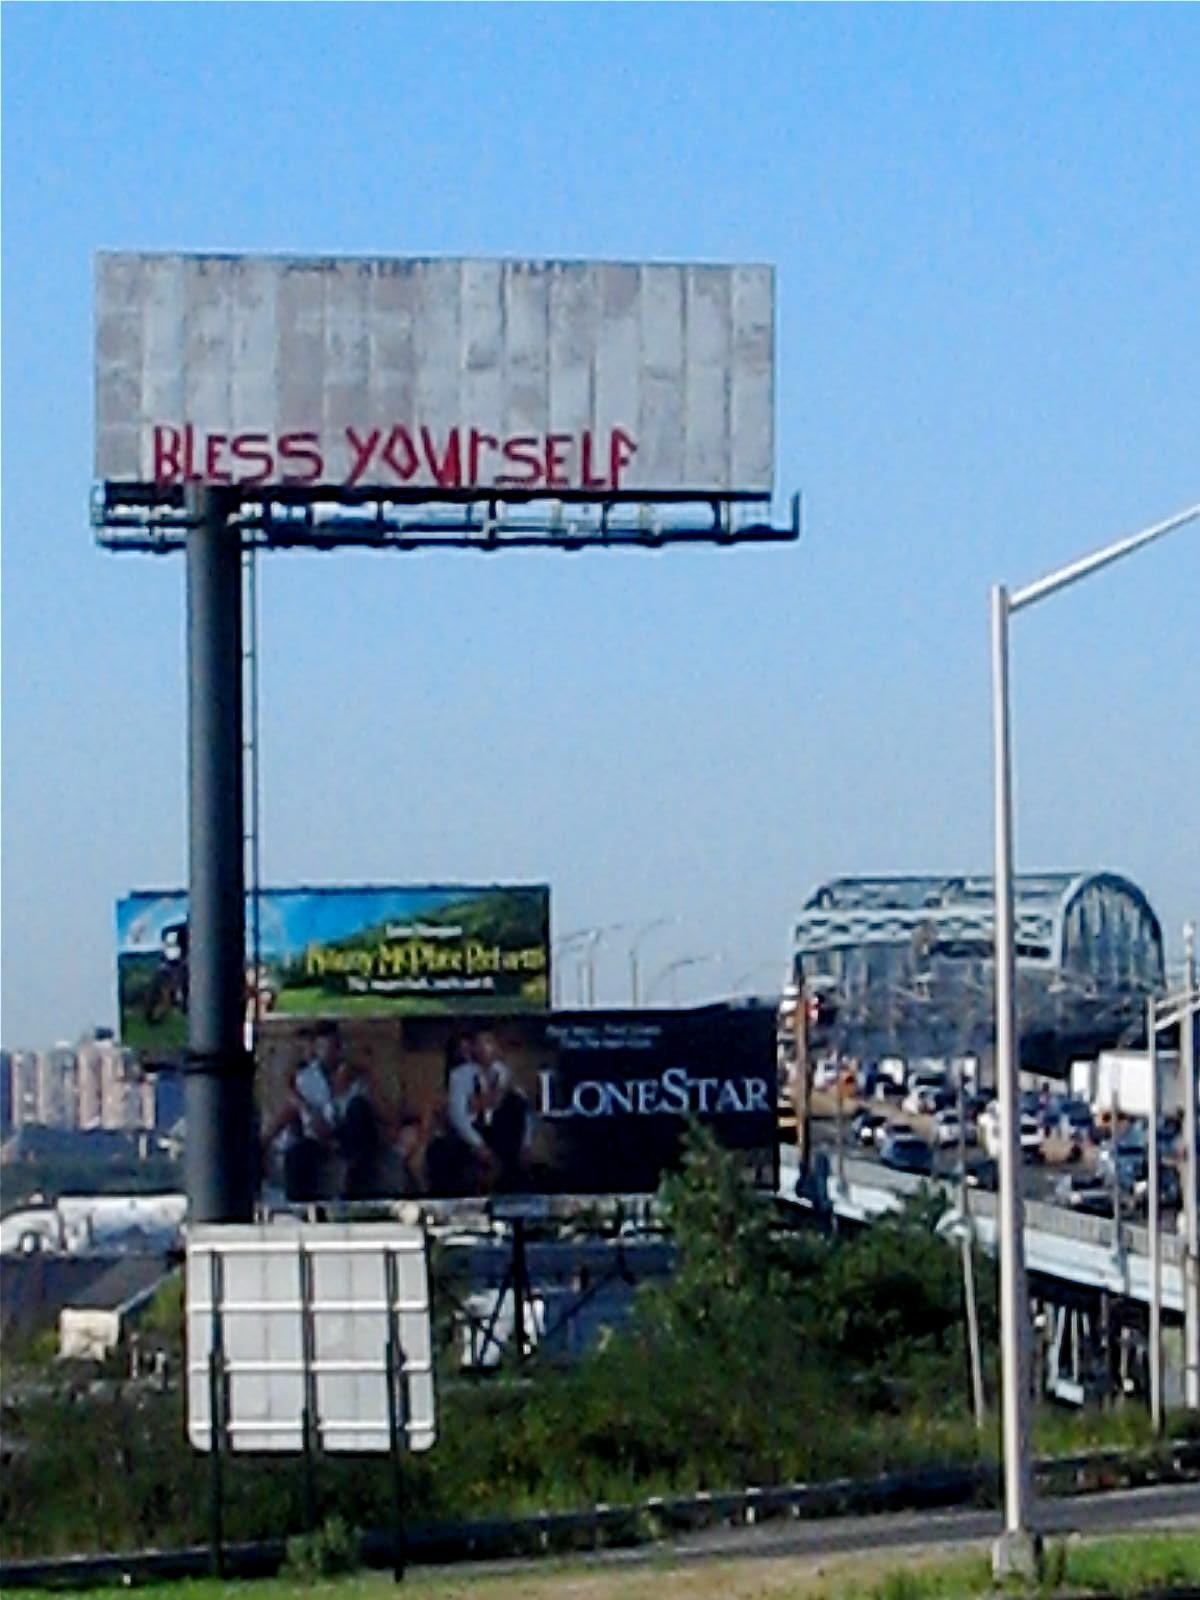 jodi sh doff  : onlythejodi : gods graffiti : BQE billboard